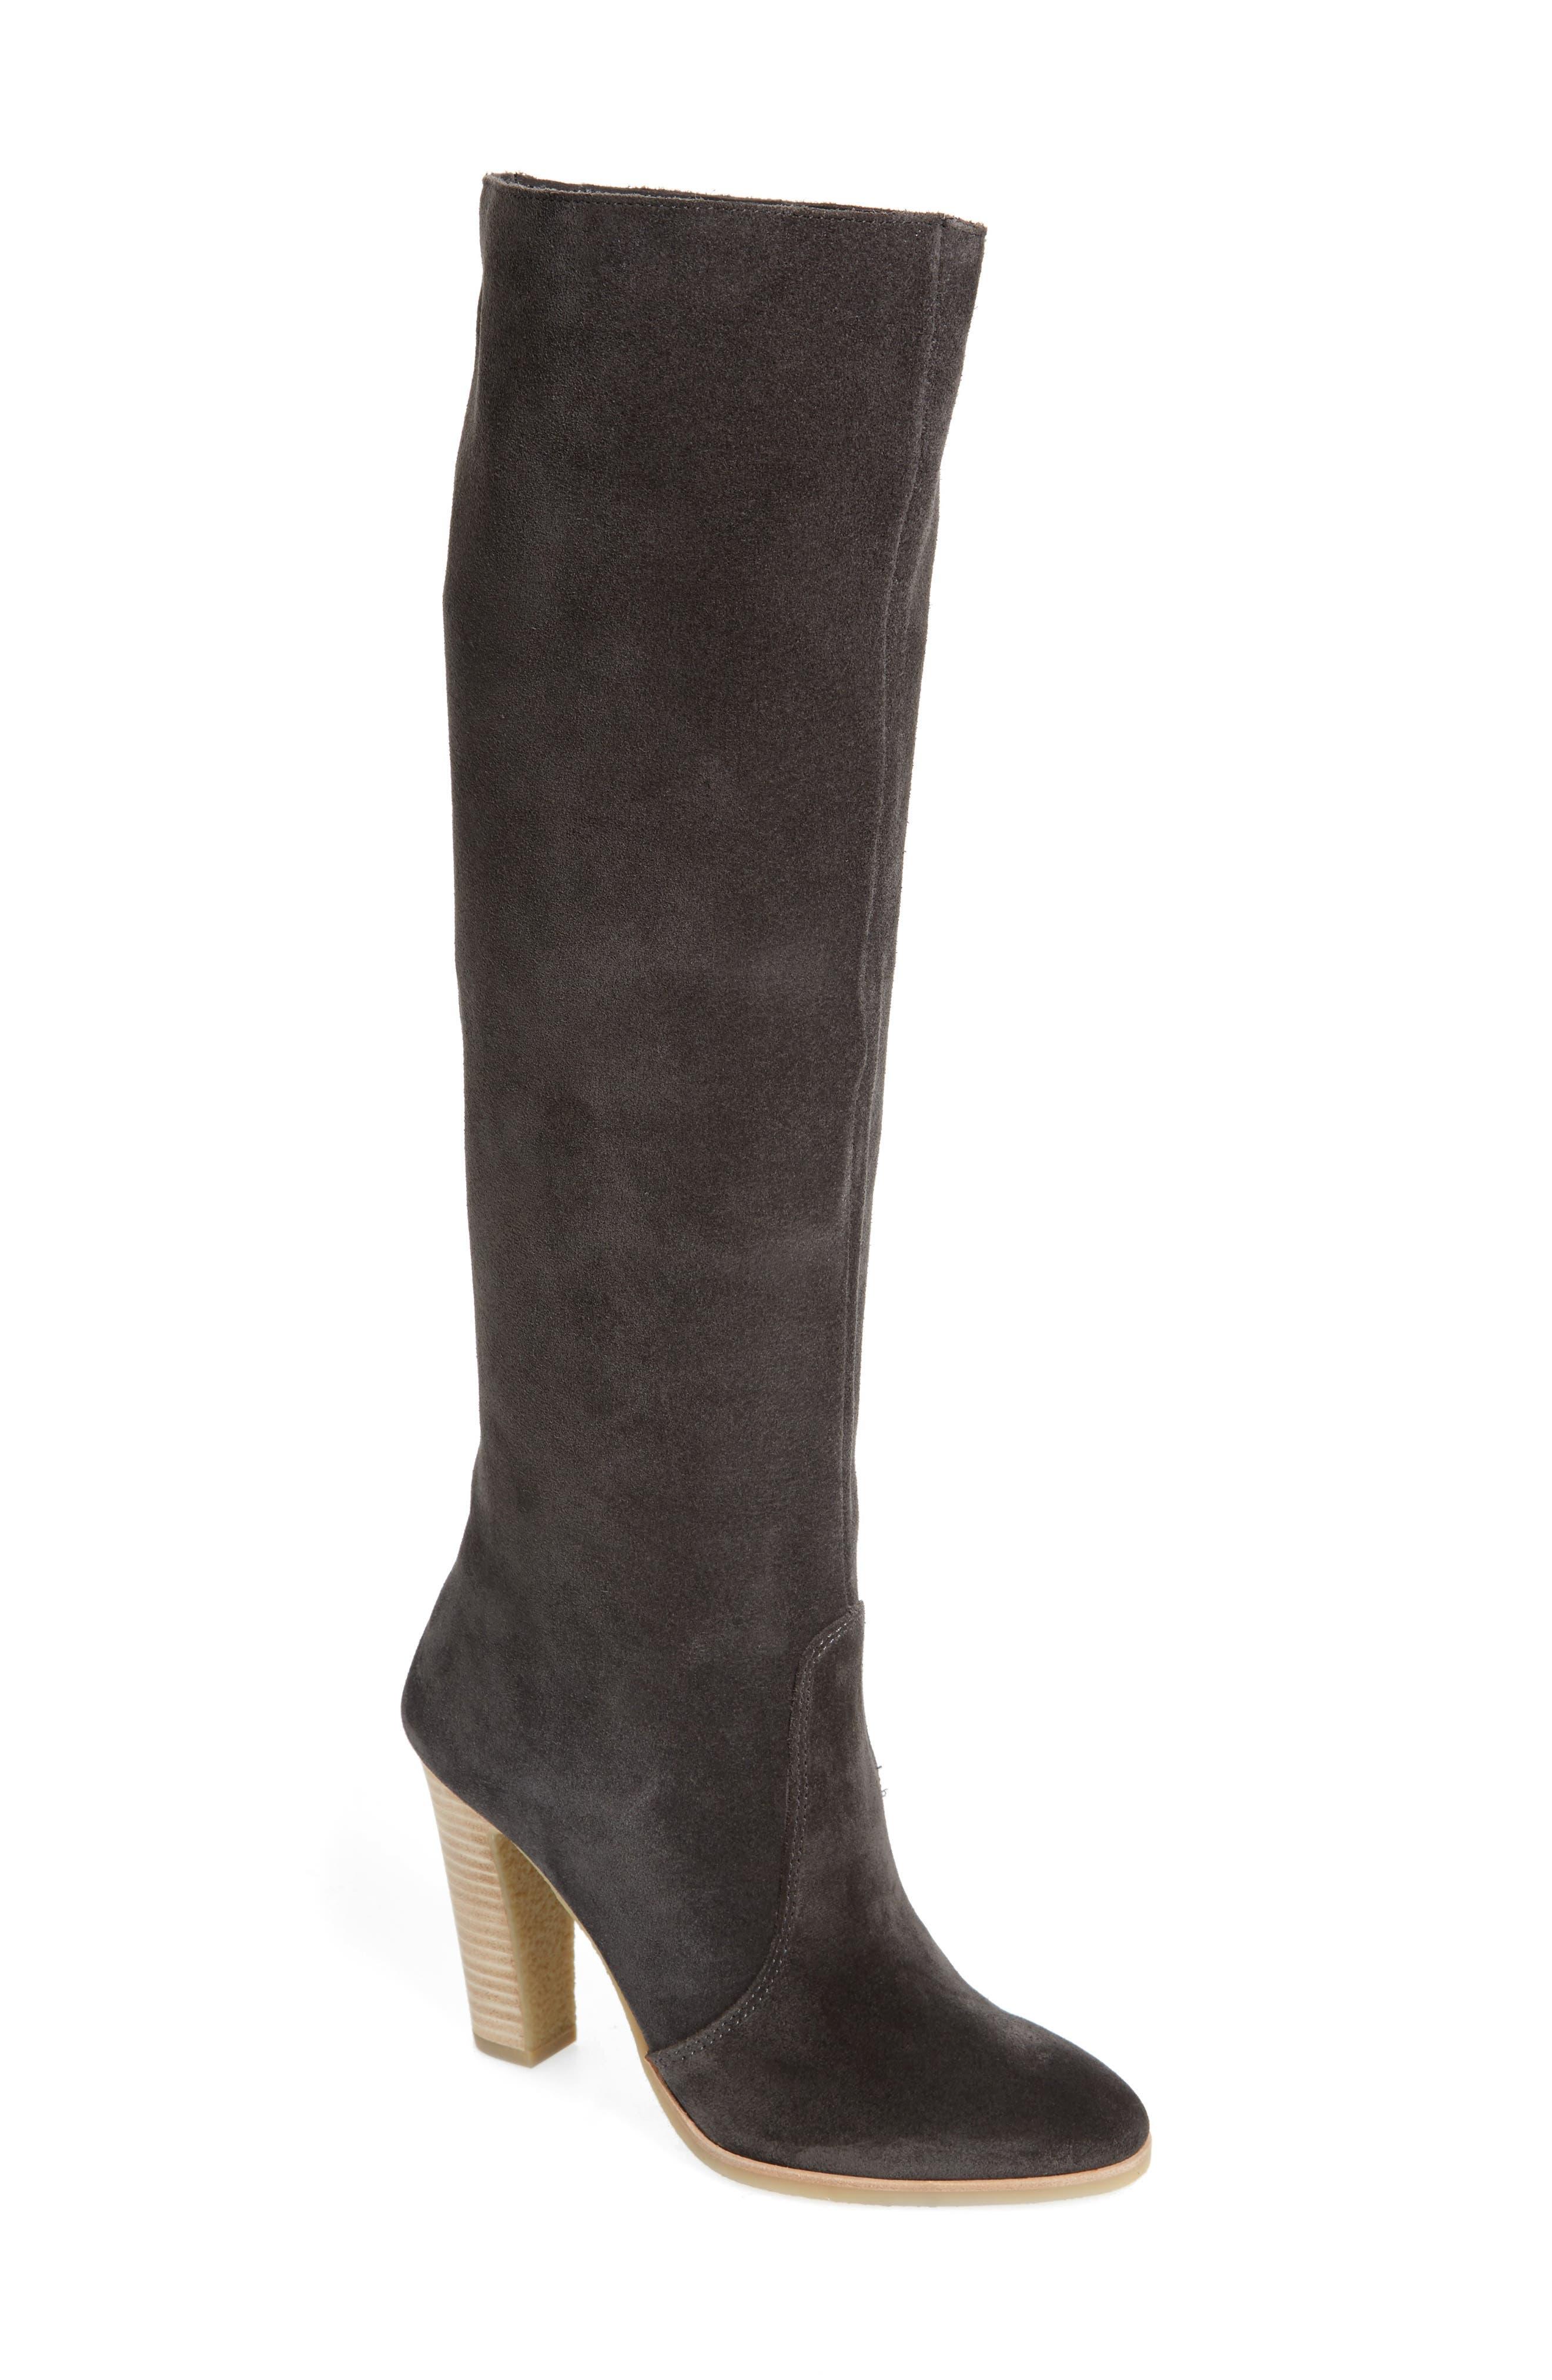 Women's Celine Knee High Boot